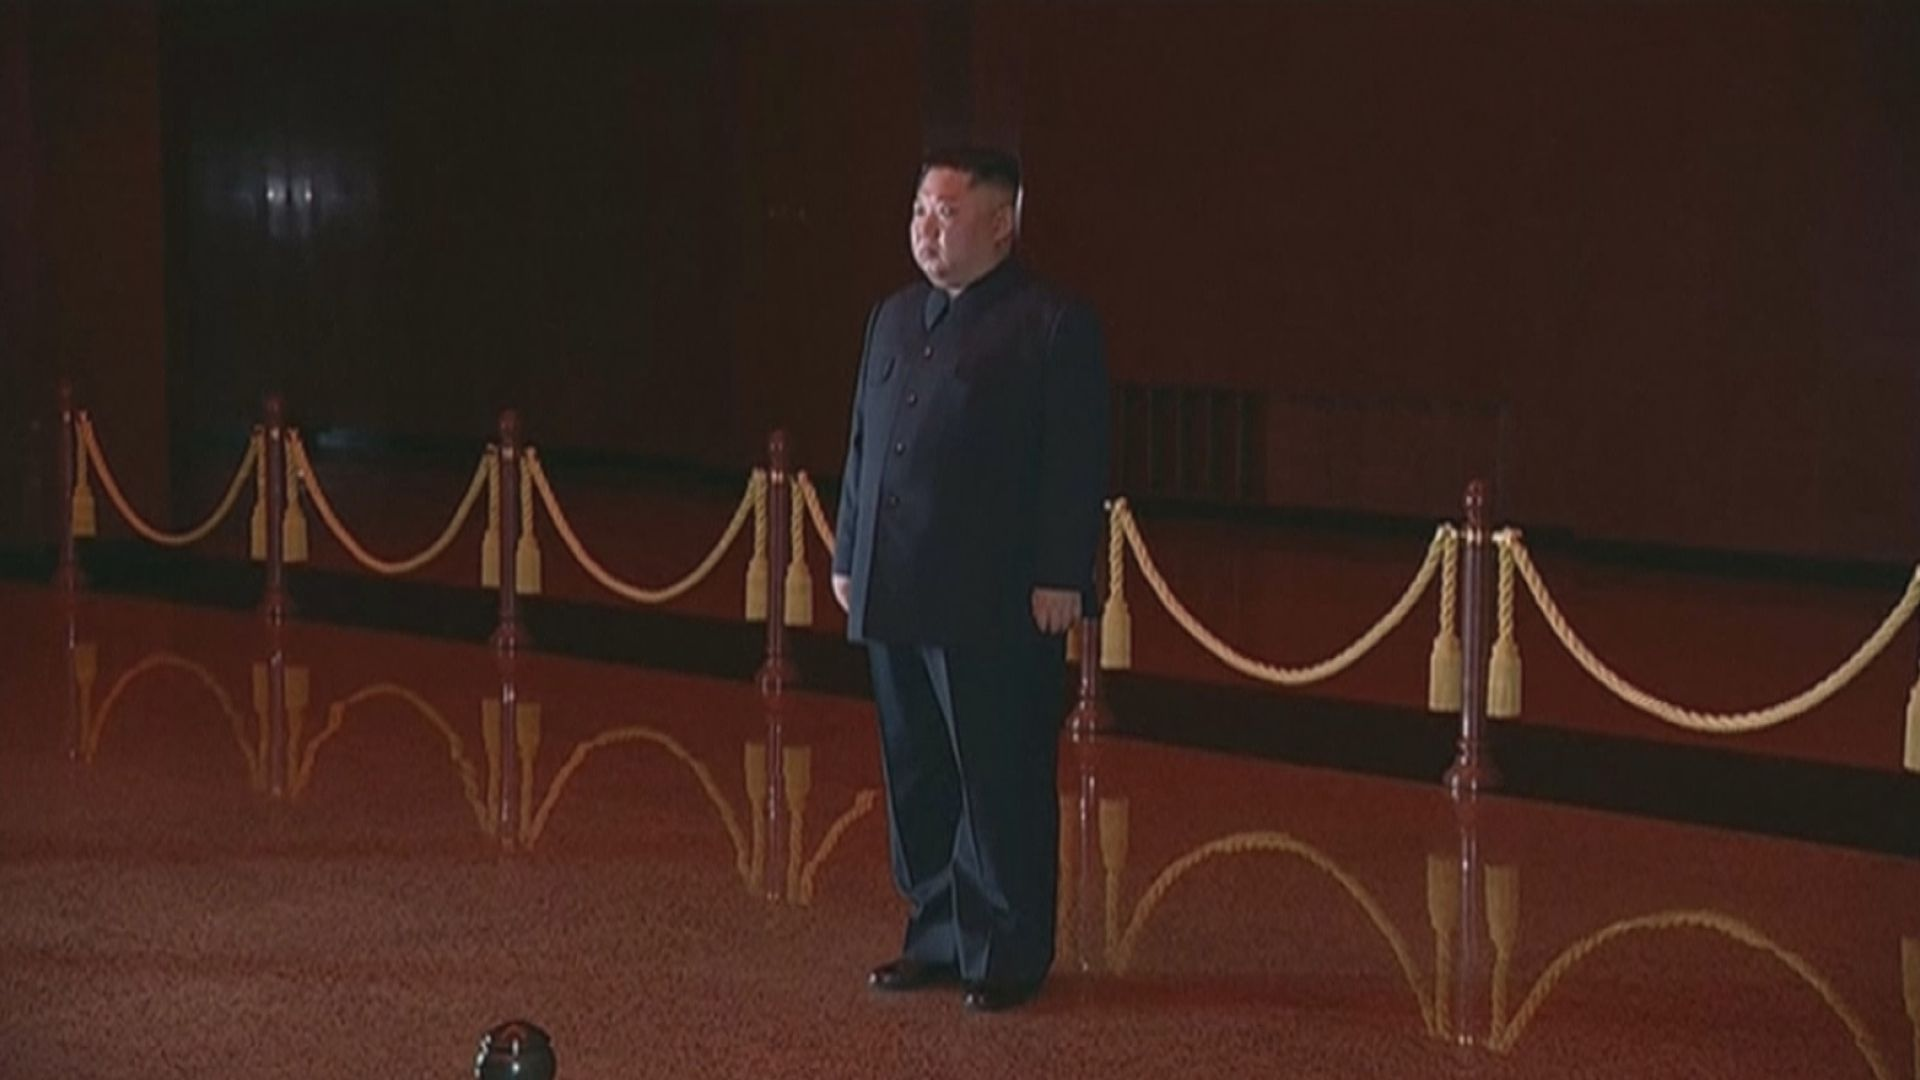 據報金正恩將與越南領導人會面